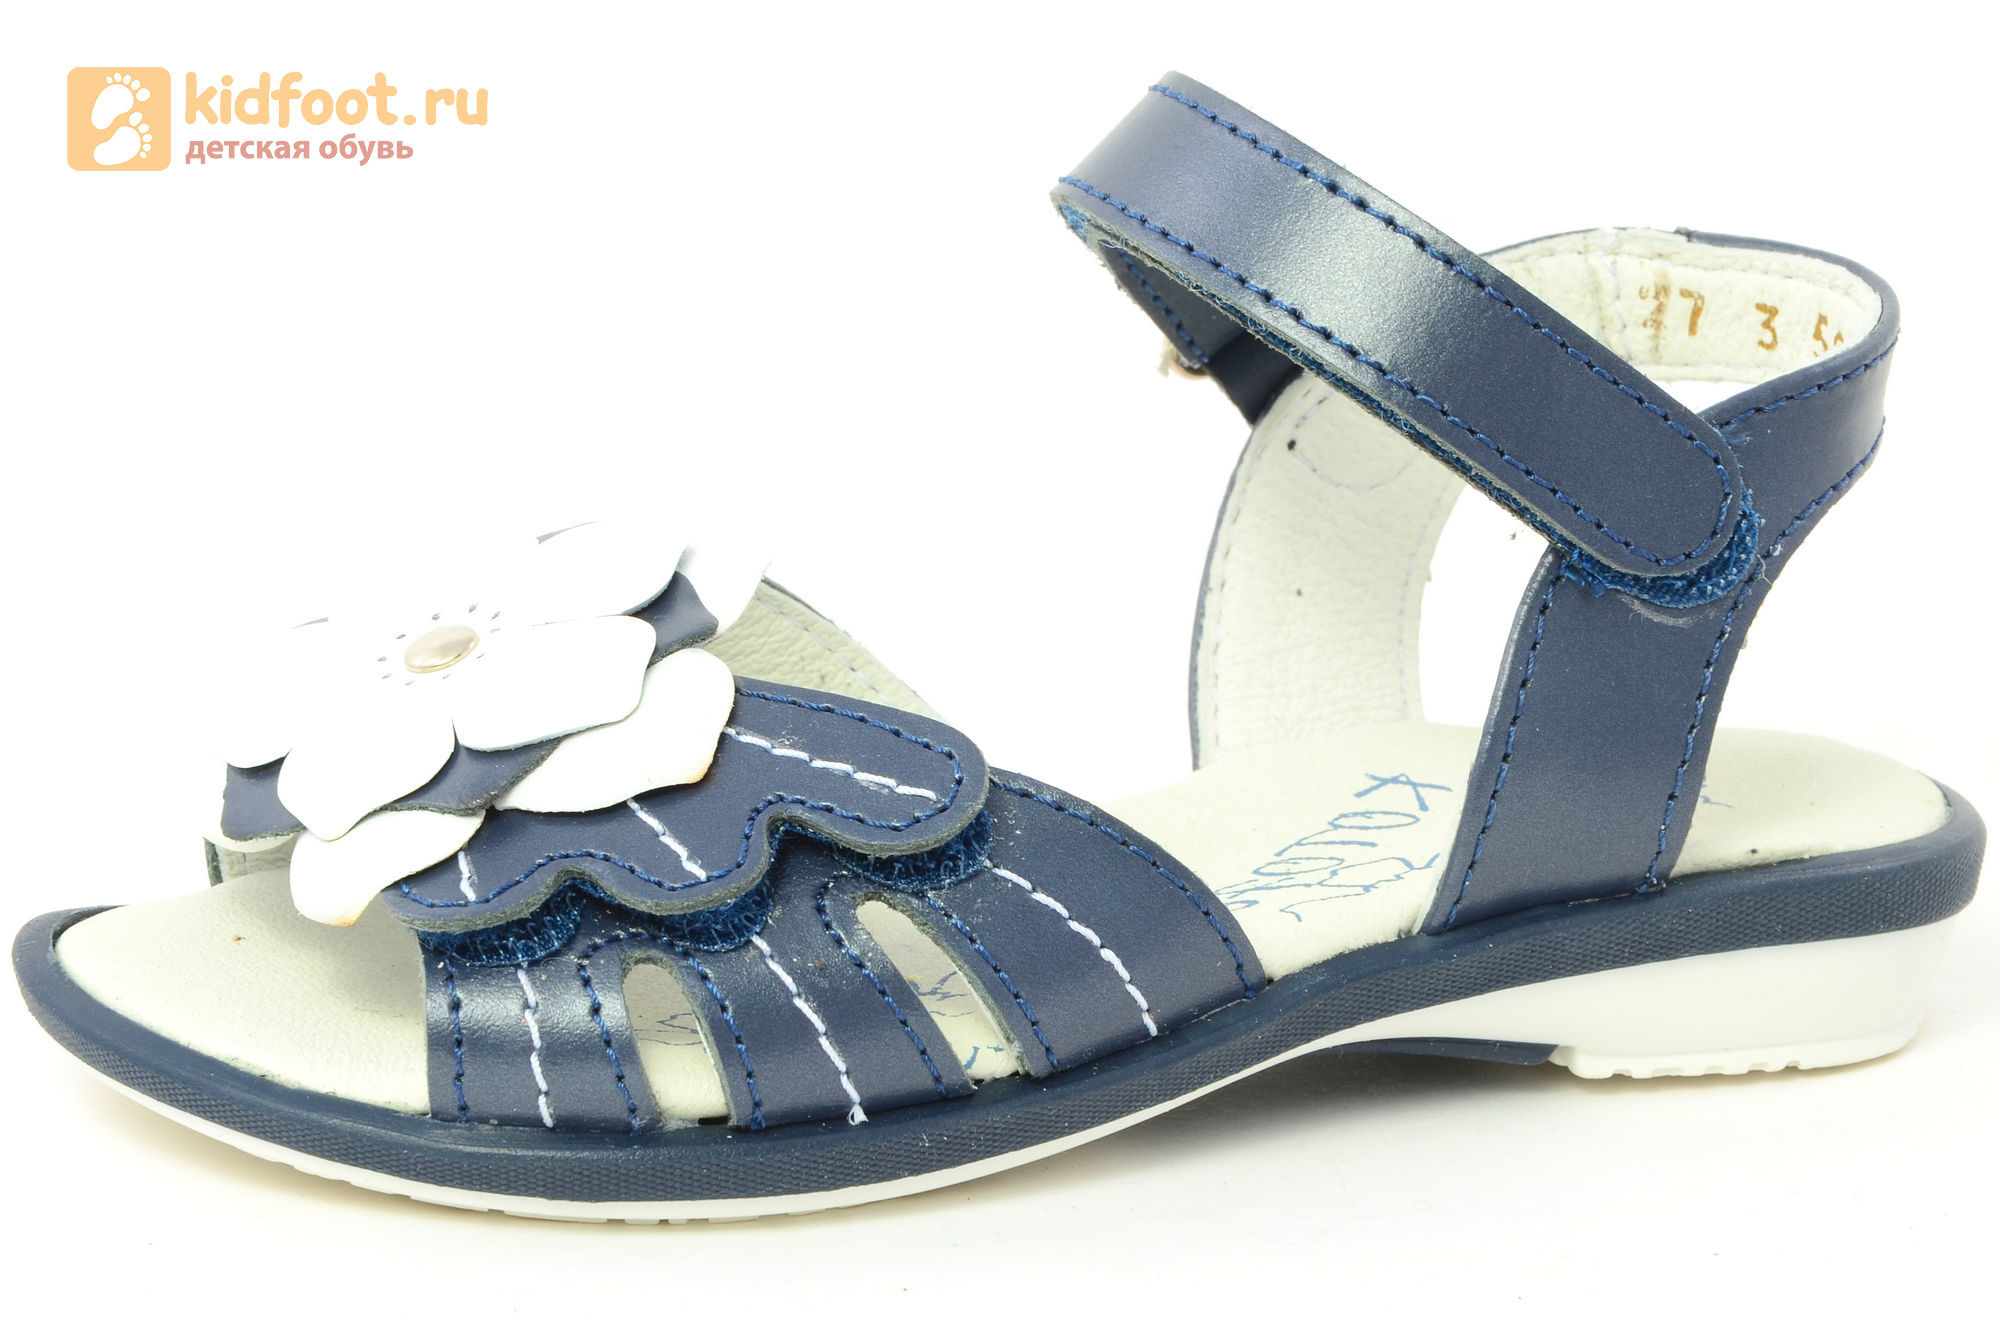 Детские босоножки Котофей 522059-21 из натуральной кожи, для девочки, синие